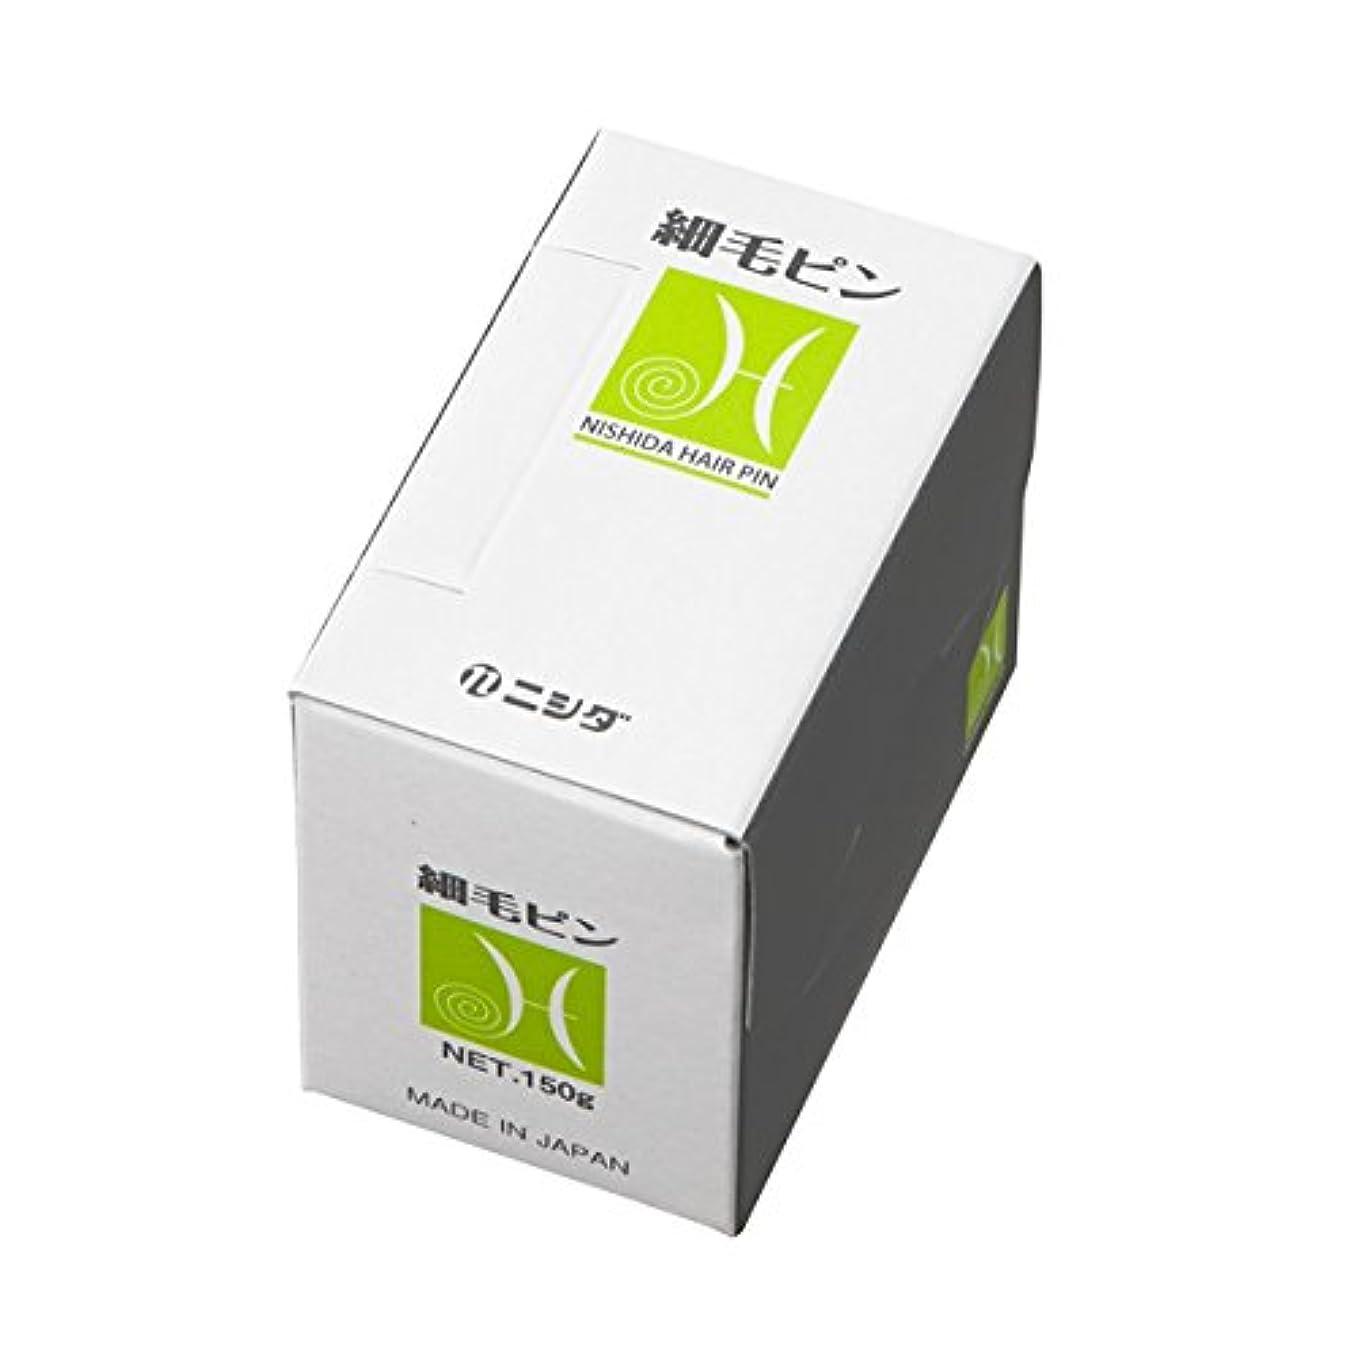 ゼロサーフィン実質的にニシダピン 細毛ピン 150g 株式会社ニシダ プロフェッショナルユースでスタイリング自由自在